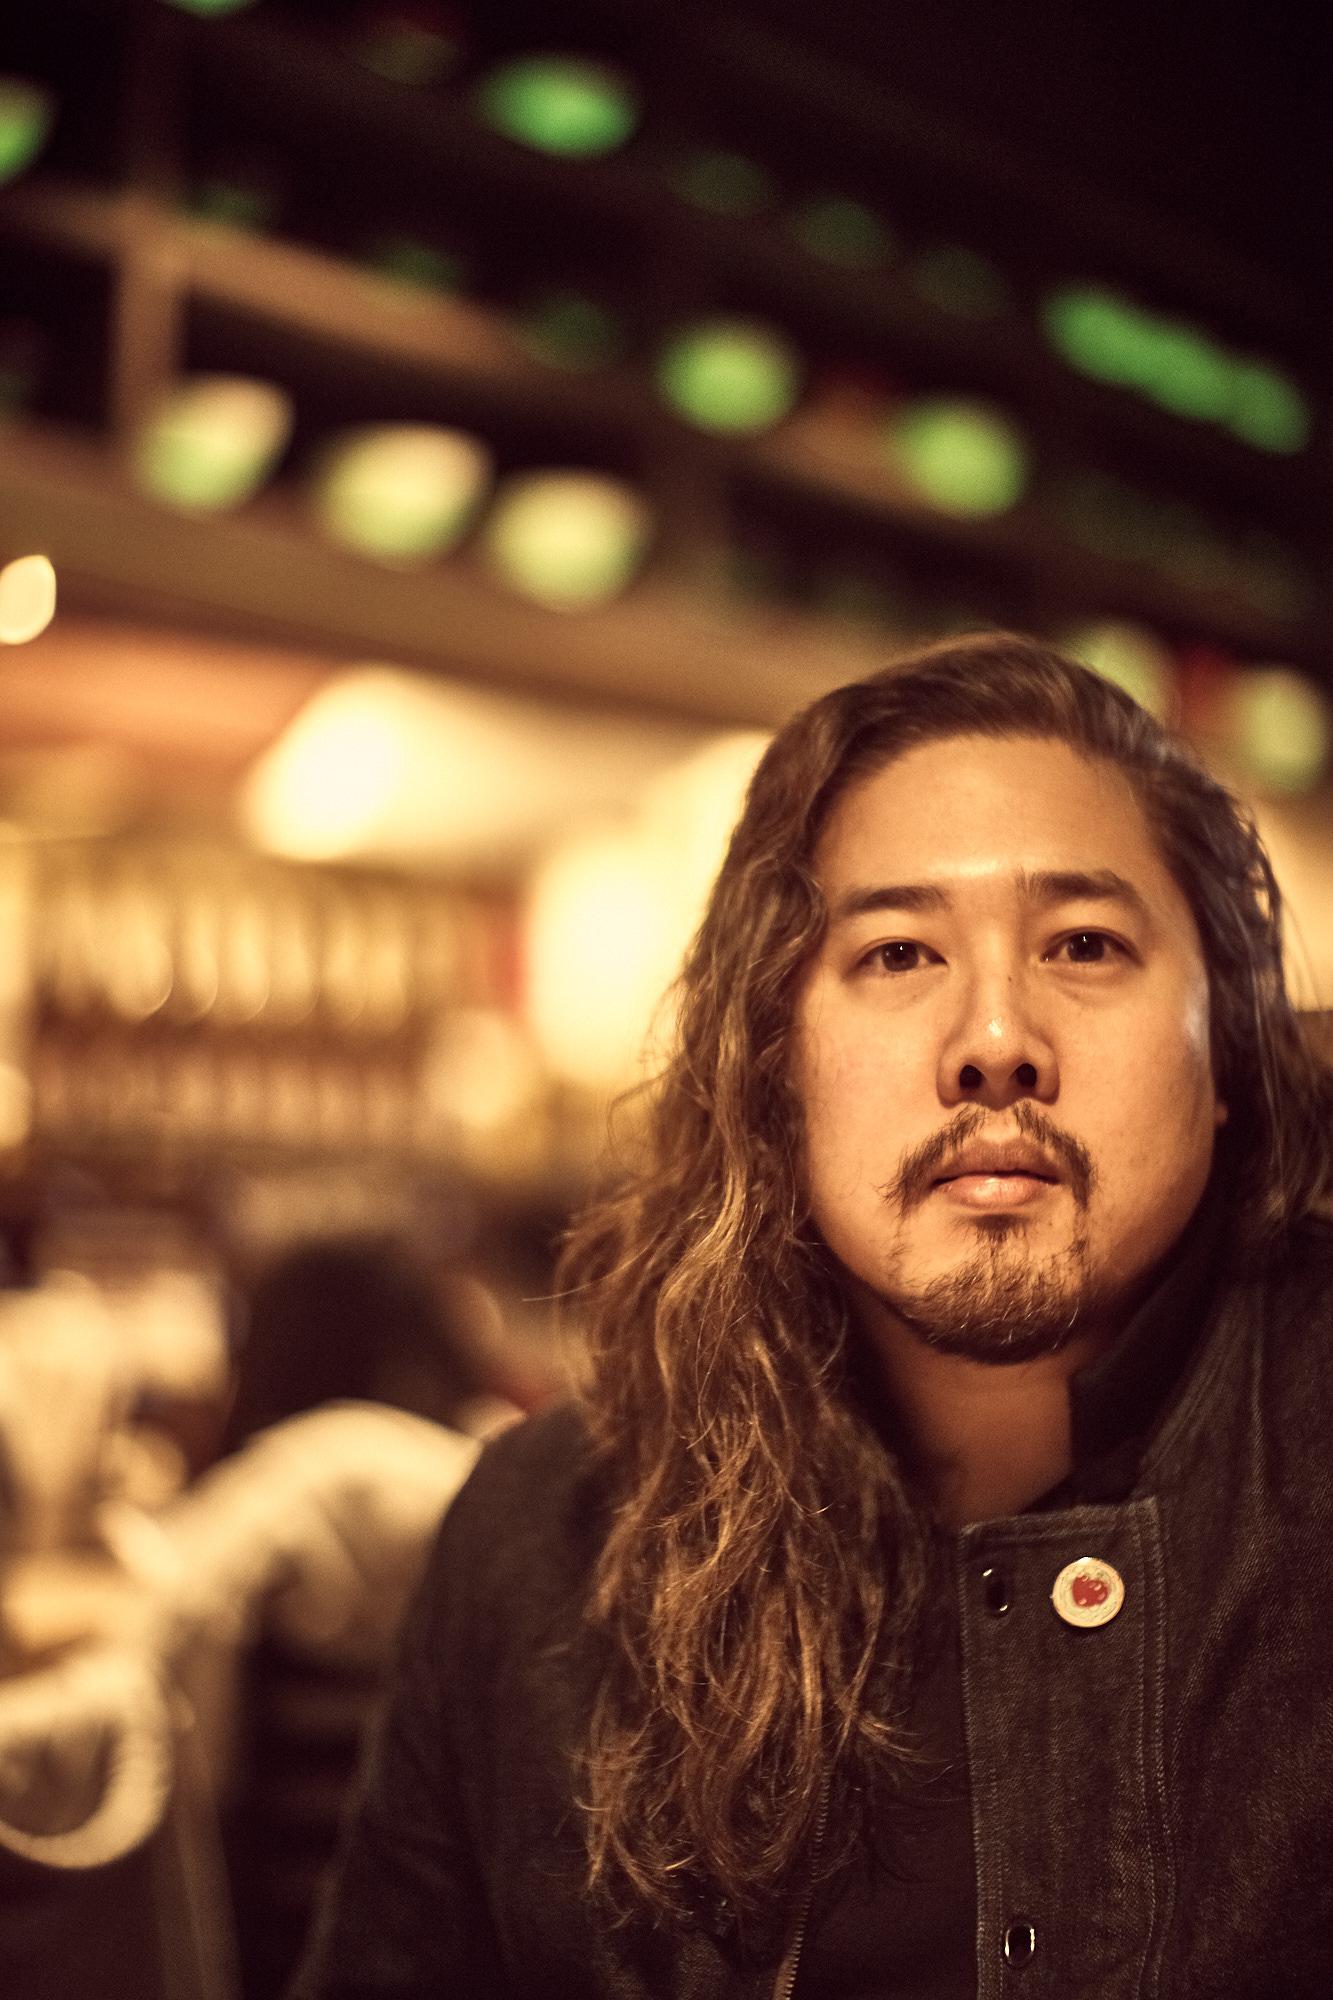 2018-11-09 Alan Portrait by John.jpg